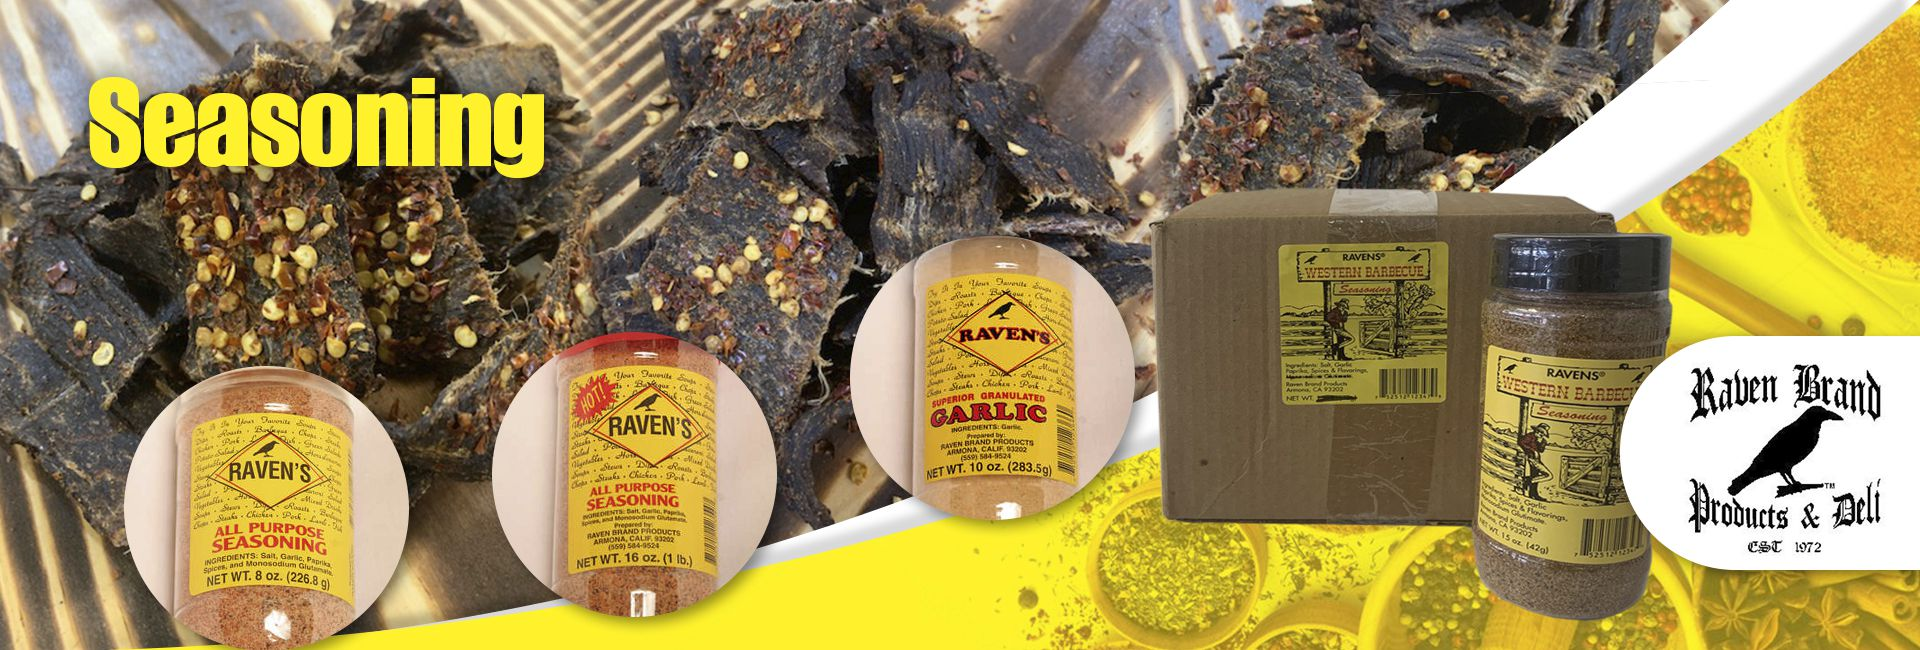 Raven Brand Seasoning